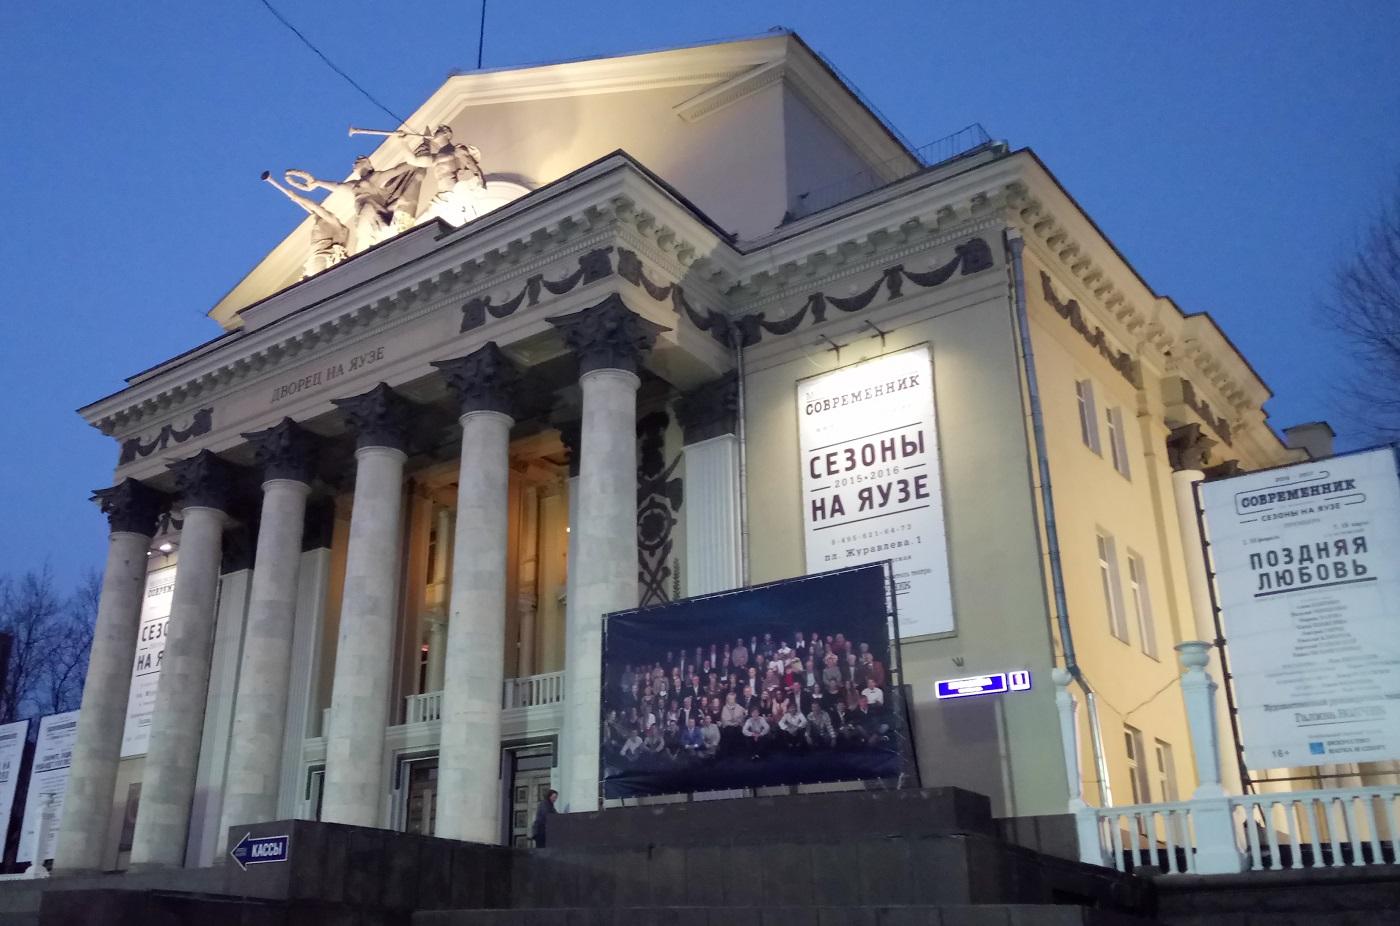 Moskva teater i forstaden